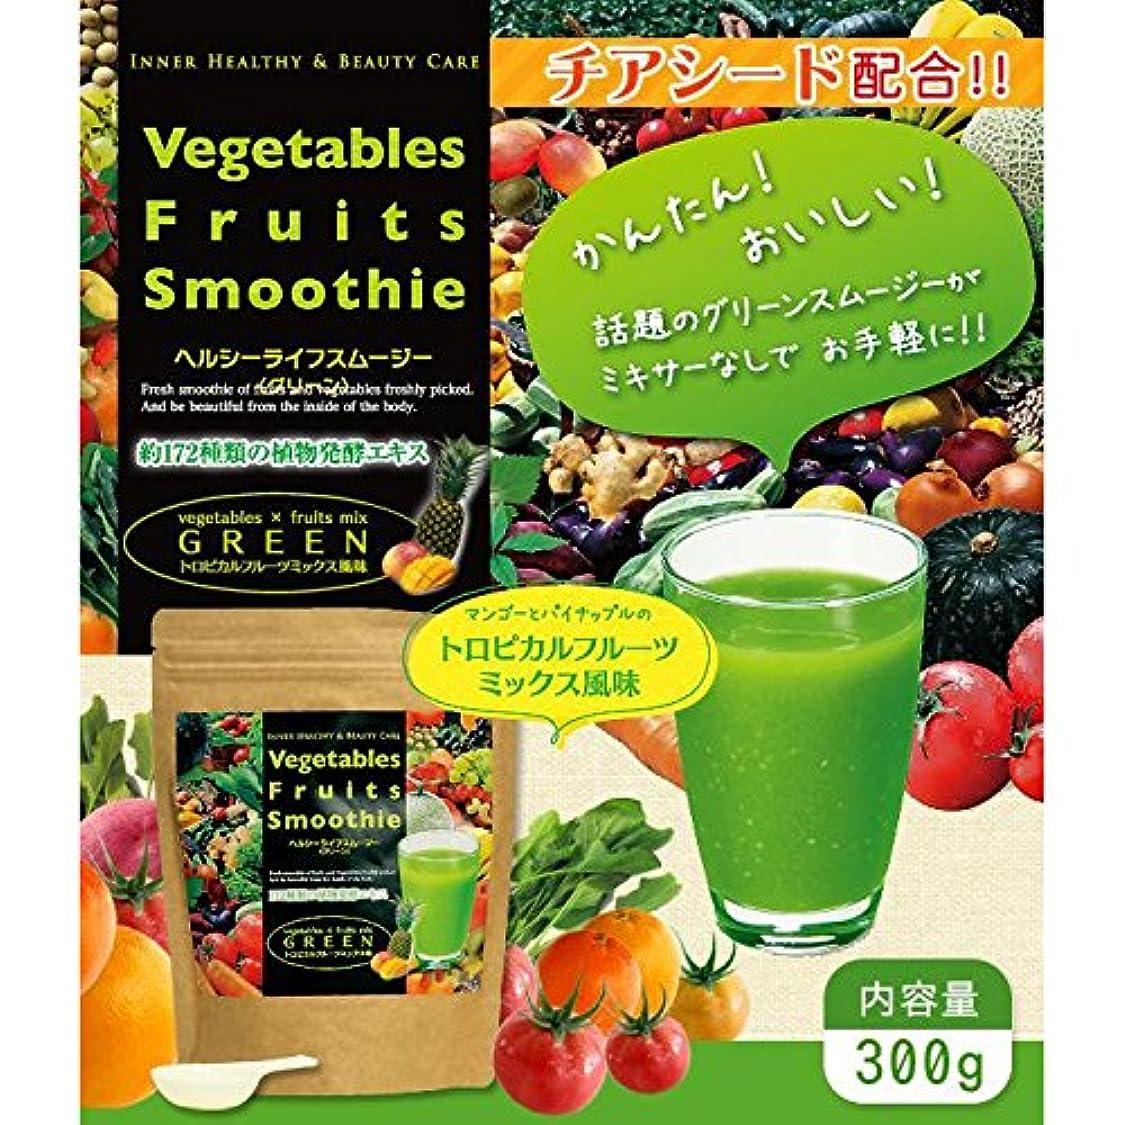 耐える豚札入れVegetables Fruits Smoothie ヘルシーライフスムージー(グリーン)トロピカルフルーツミックス味 300g 日本製